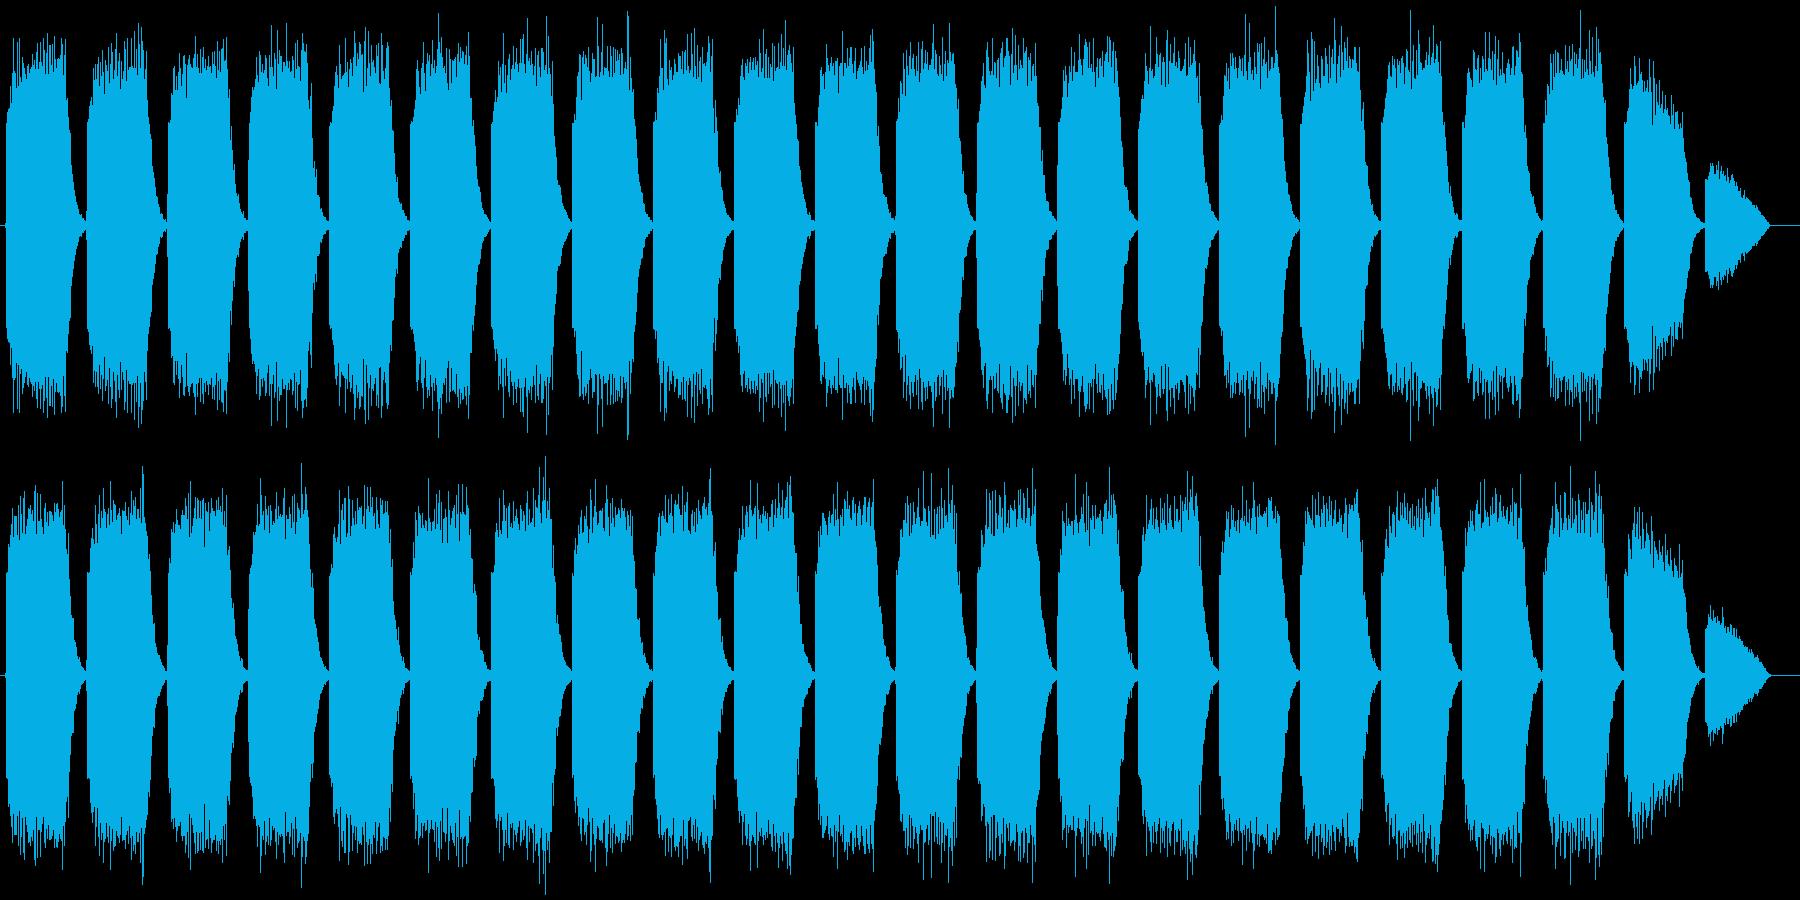 化学プラントサイレン タイプBの再生済みの波形